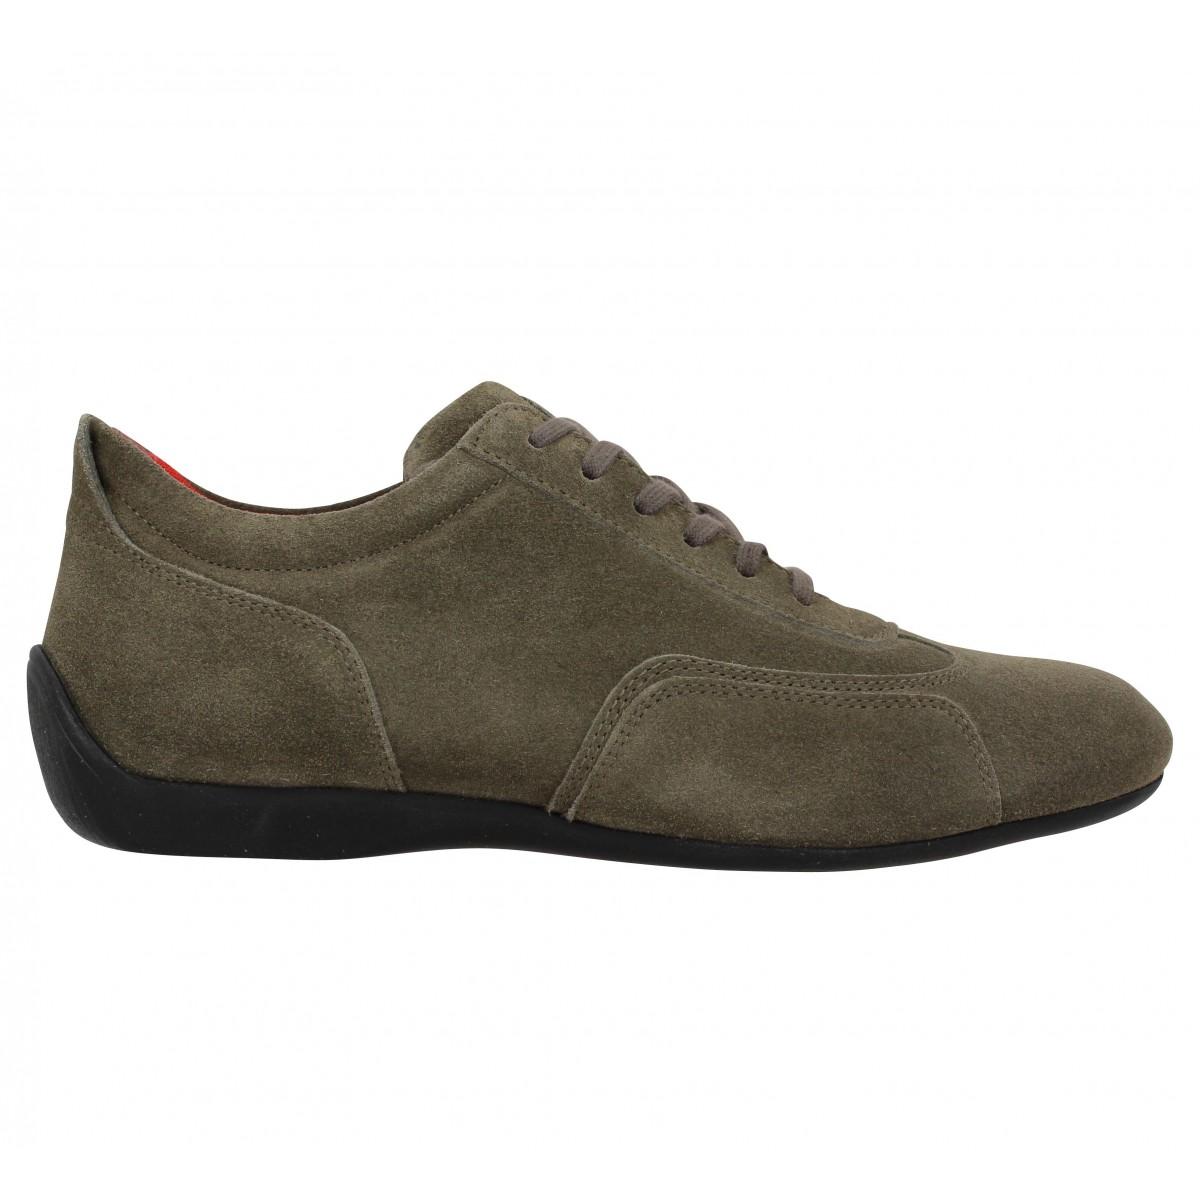 Chaussures à lacets SABELT Granturismo velours Homme LegnoSabelt Les Prix De Vente À Bas Prix M3xKmLk